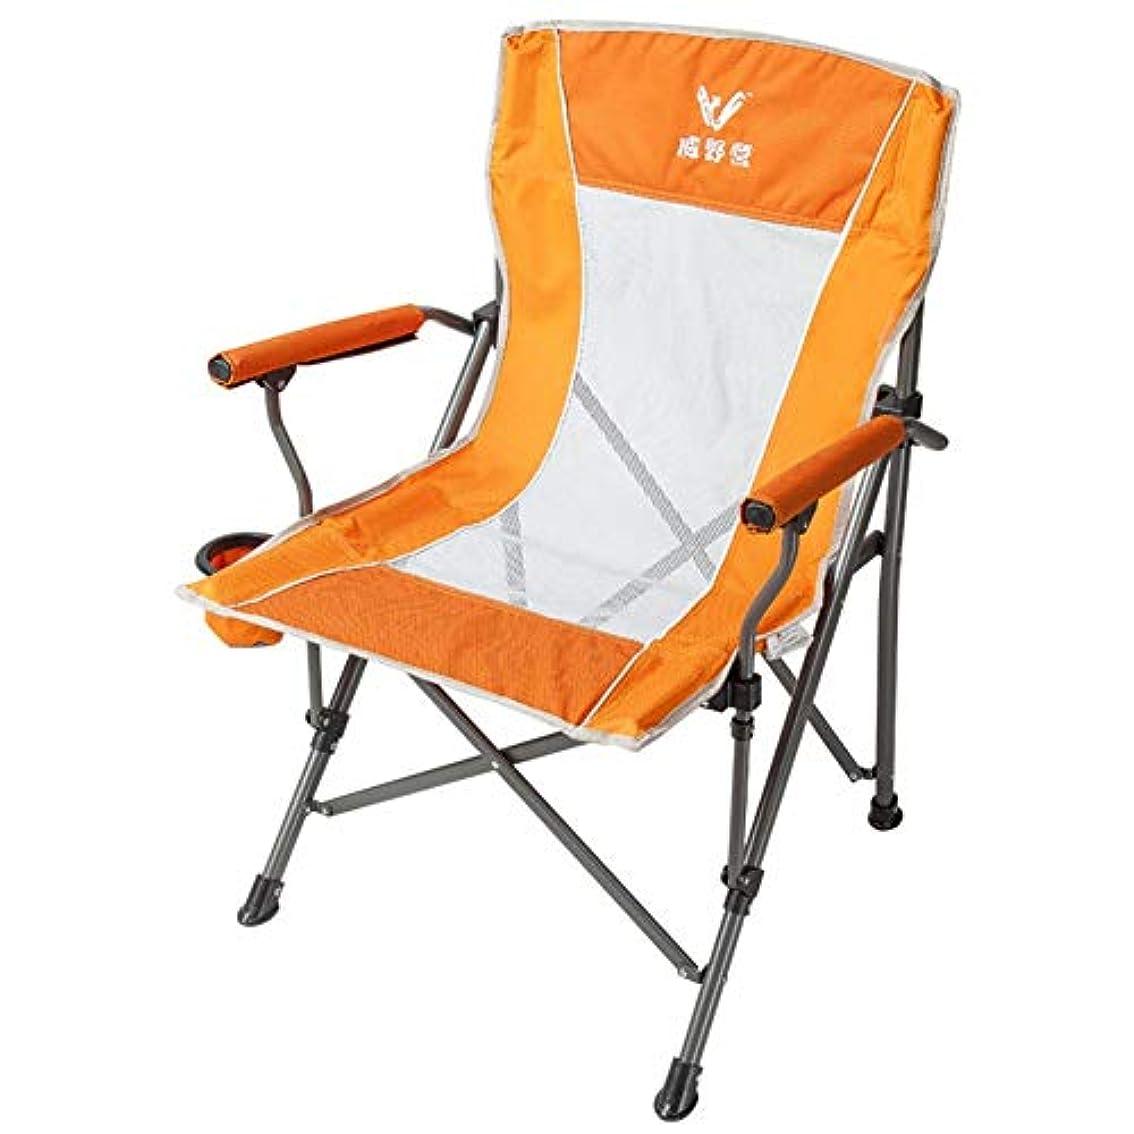 フィッティングパッチプランターアウトドアチェア、 カップホルダー、ビーチやフィールド/スポーツのための特大頑丈な携帯用椅子が付いている折るキャンプチェア、サポート290ポンド